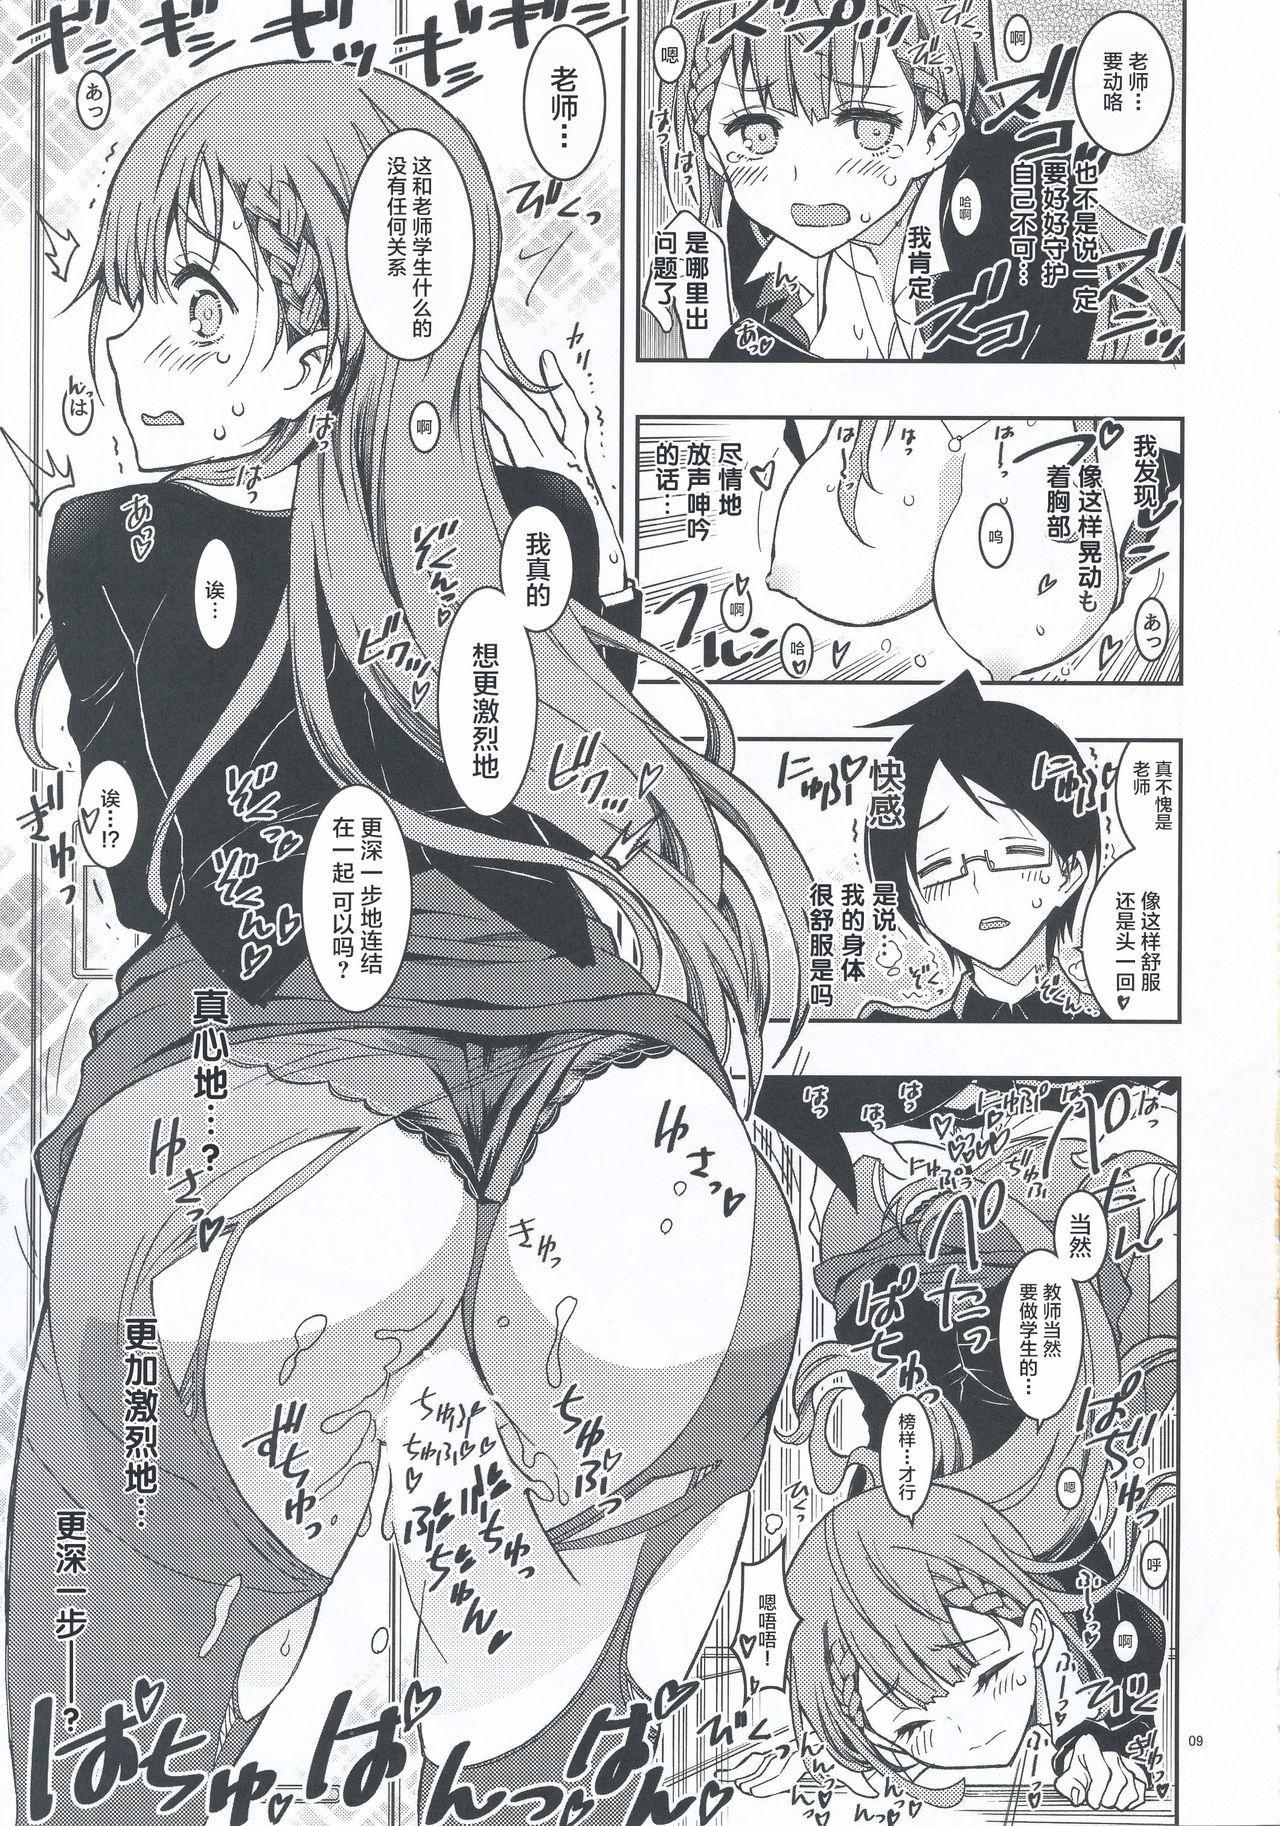 BOKUTACHIHA SENSEIMO KAWAII 8